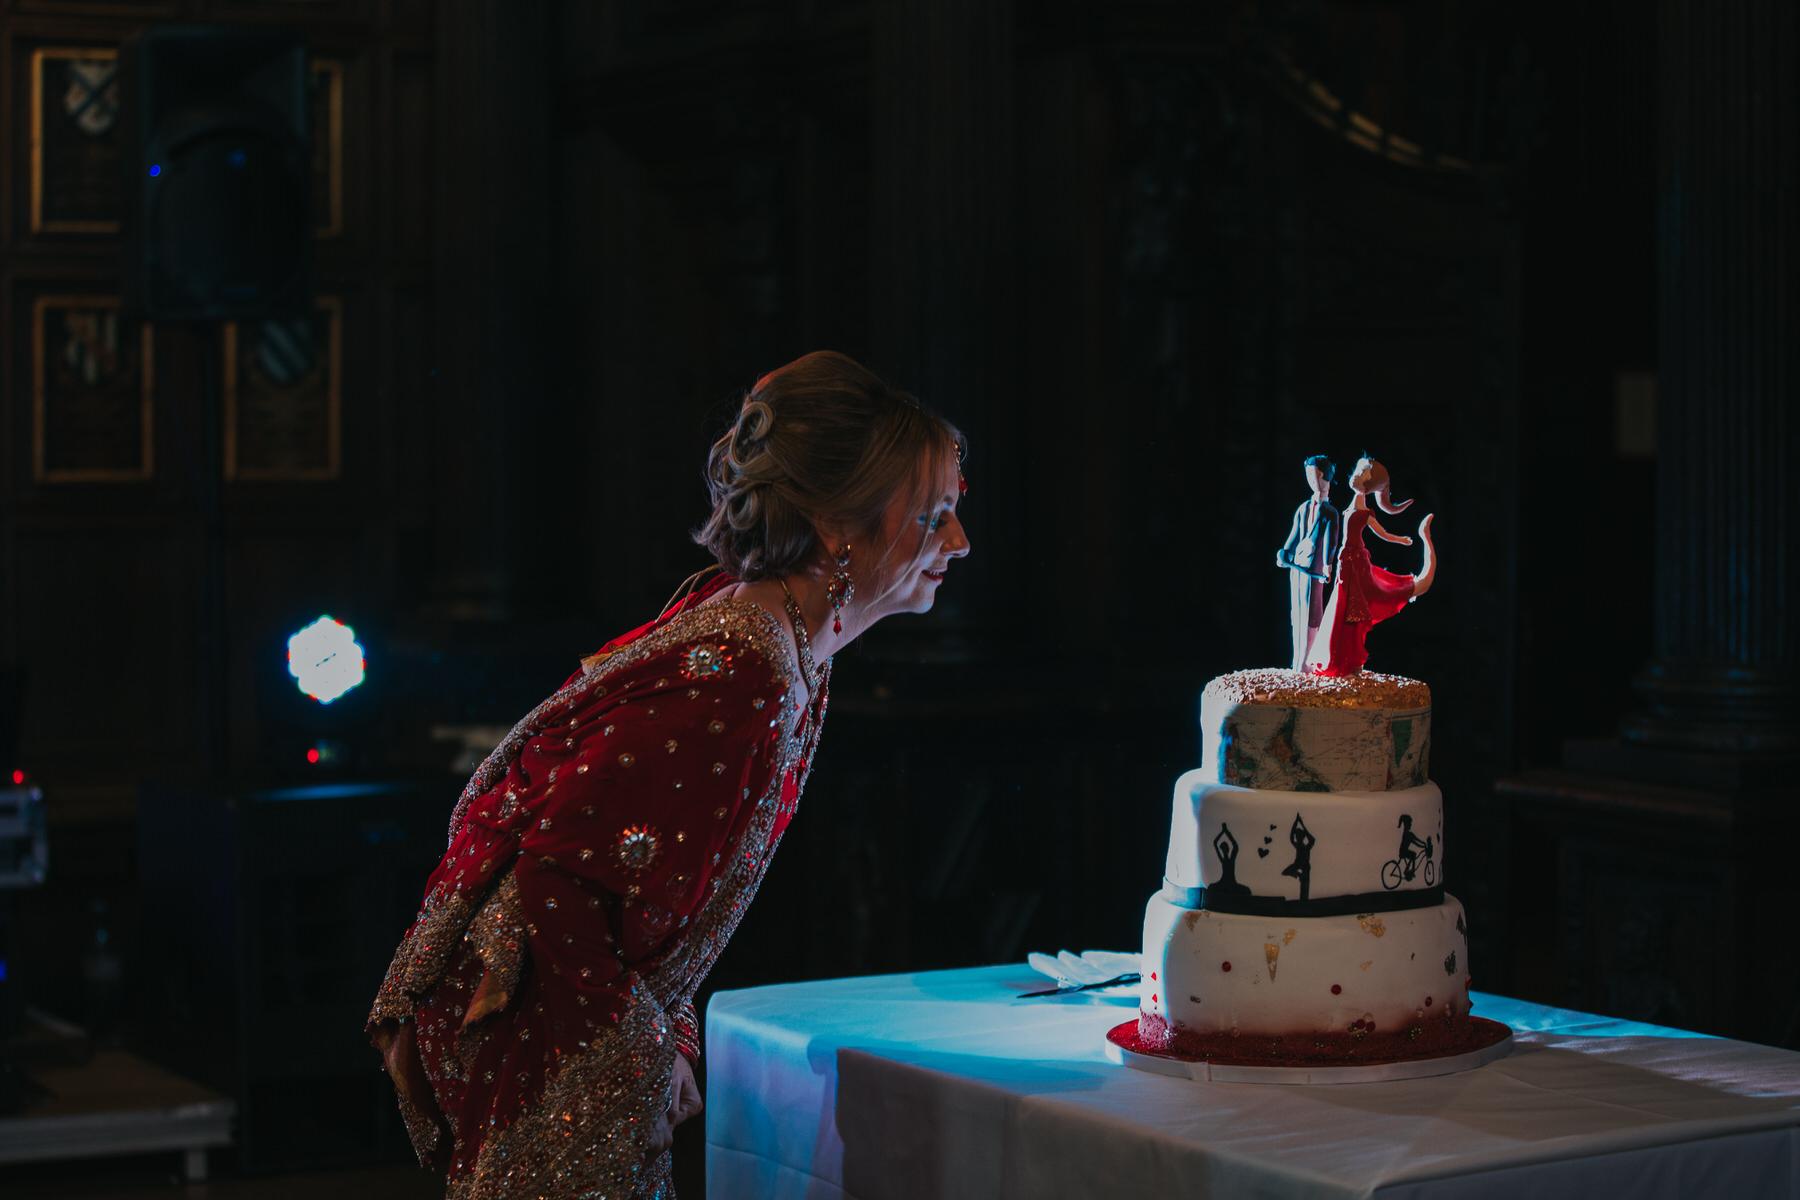 191-bride-looking-unique-wedding-cake-dark.jpg